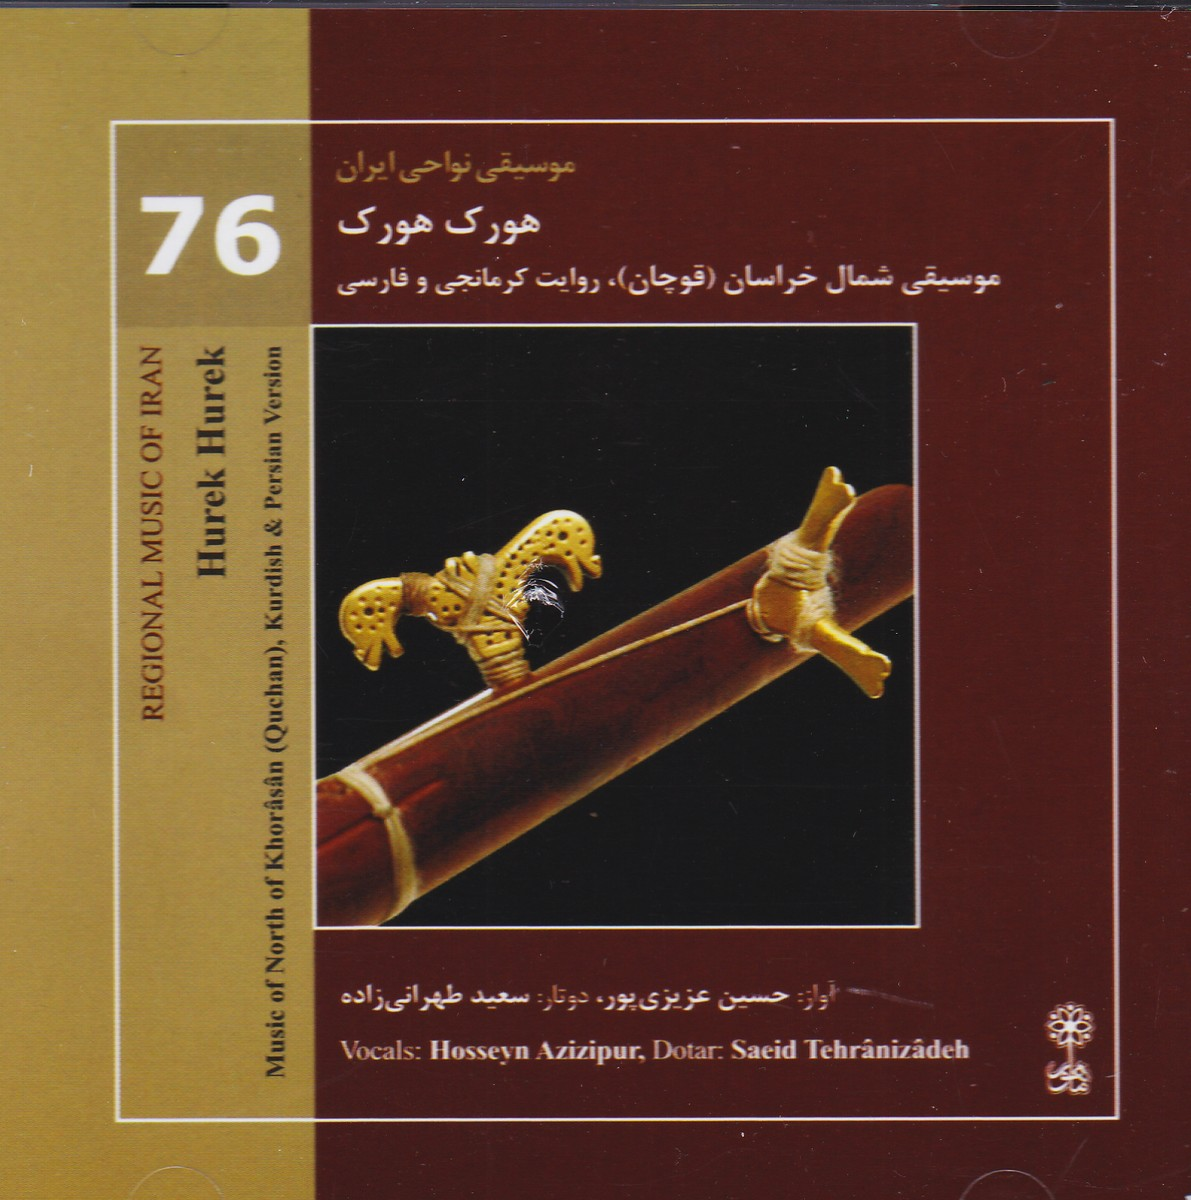 موسیقی نواحی ایران 76 ( هورک هورک ) موسیقی شمال خراسان ( قوچان ) روایت کرمانجی و فارسی